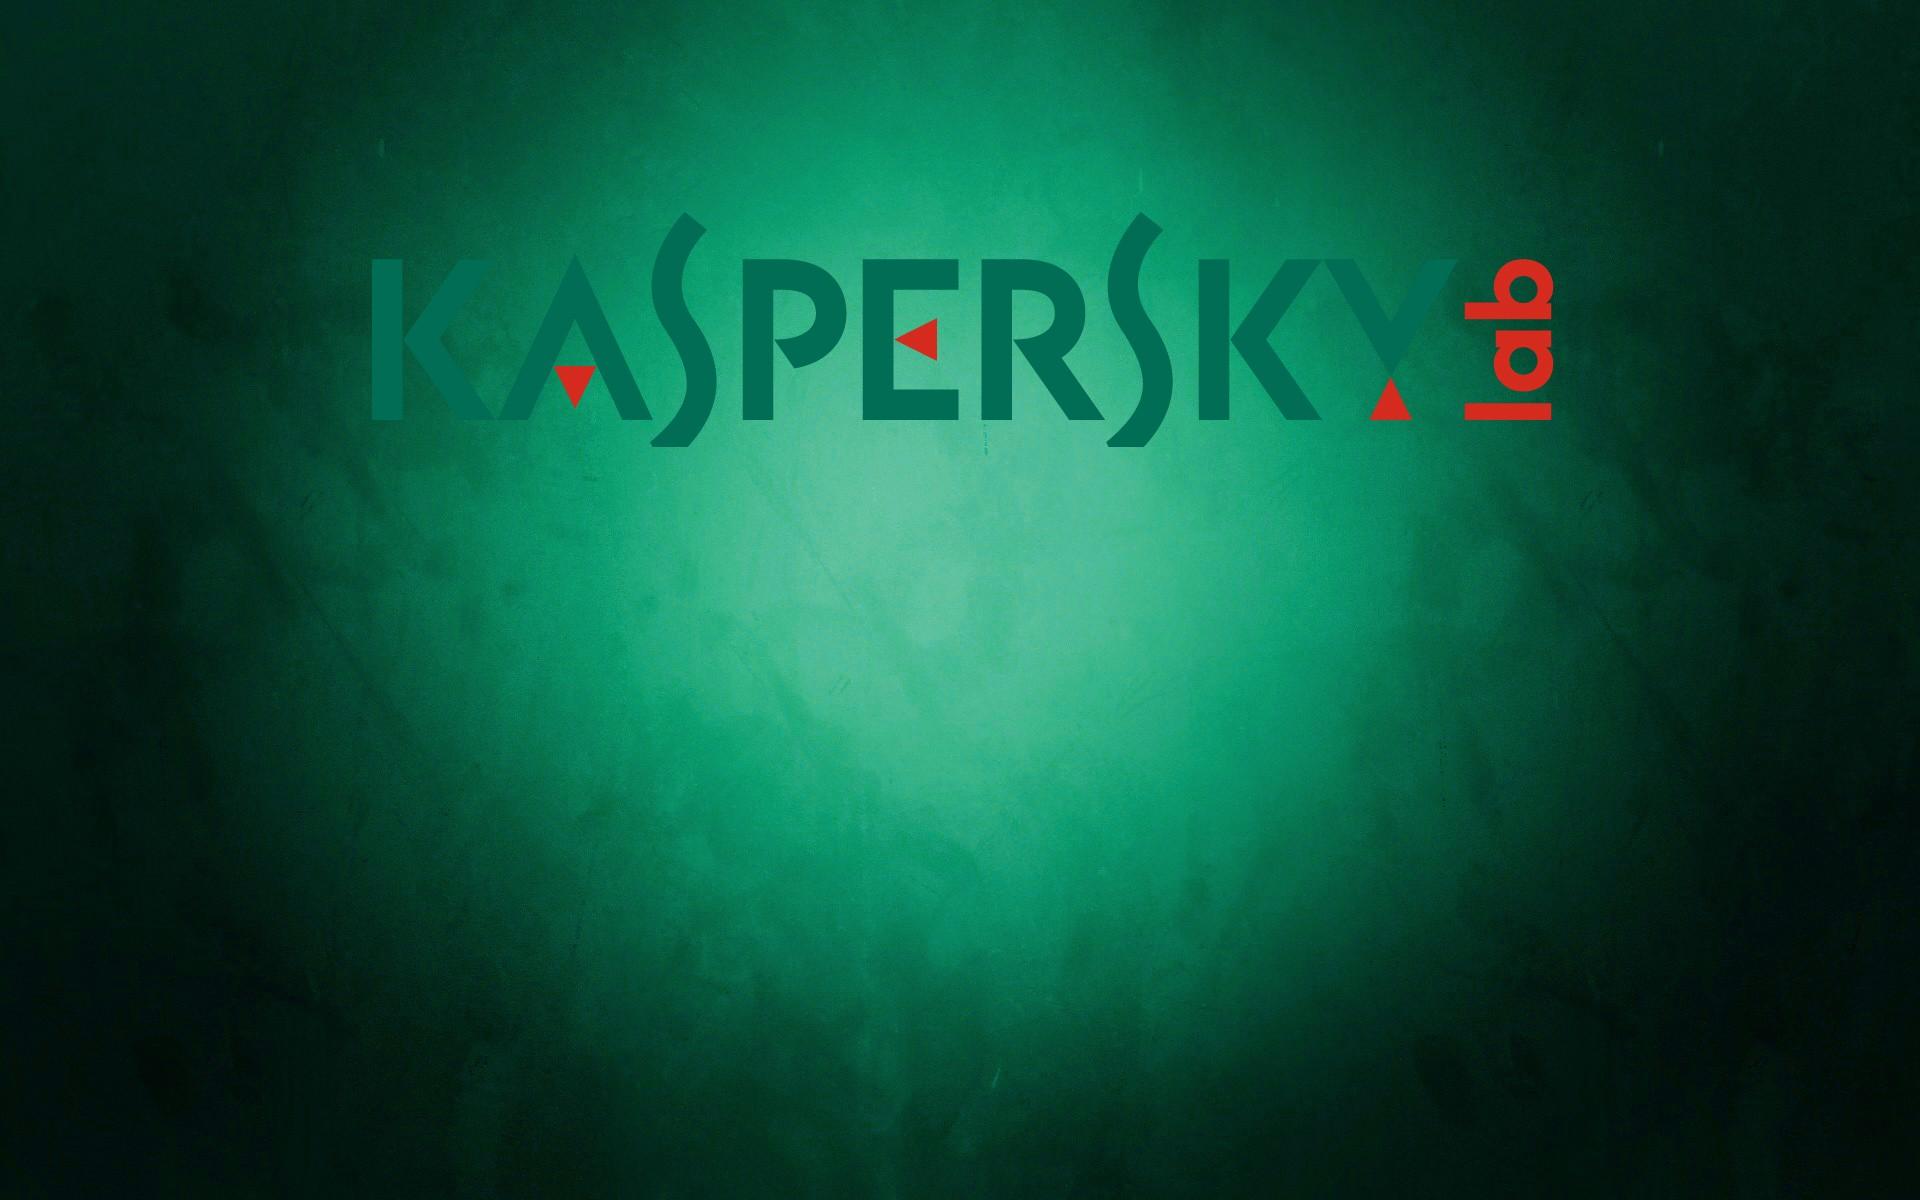 Kaspersky, el mejor Antivirus - 1920x1200